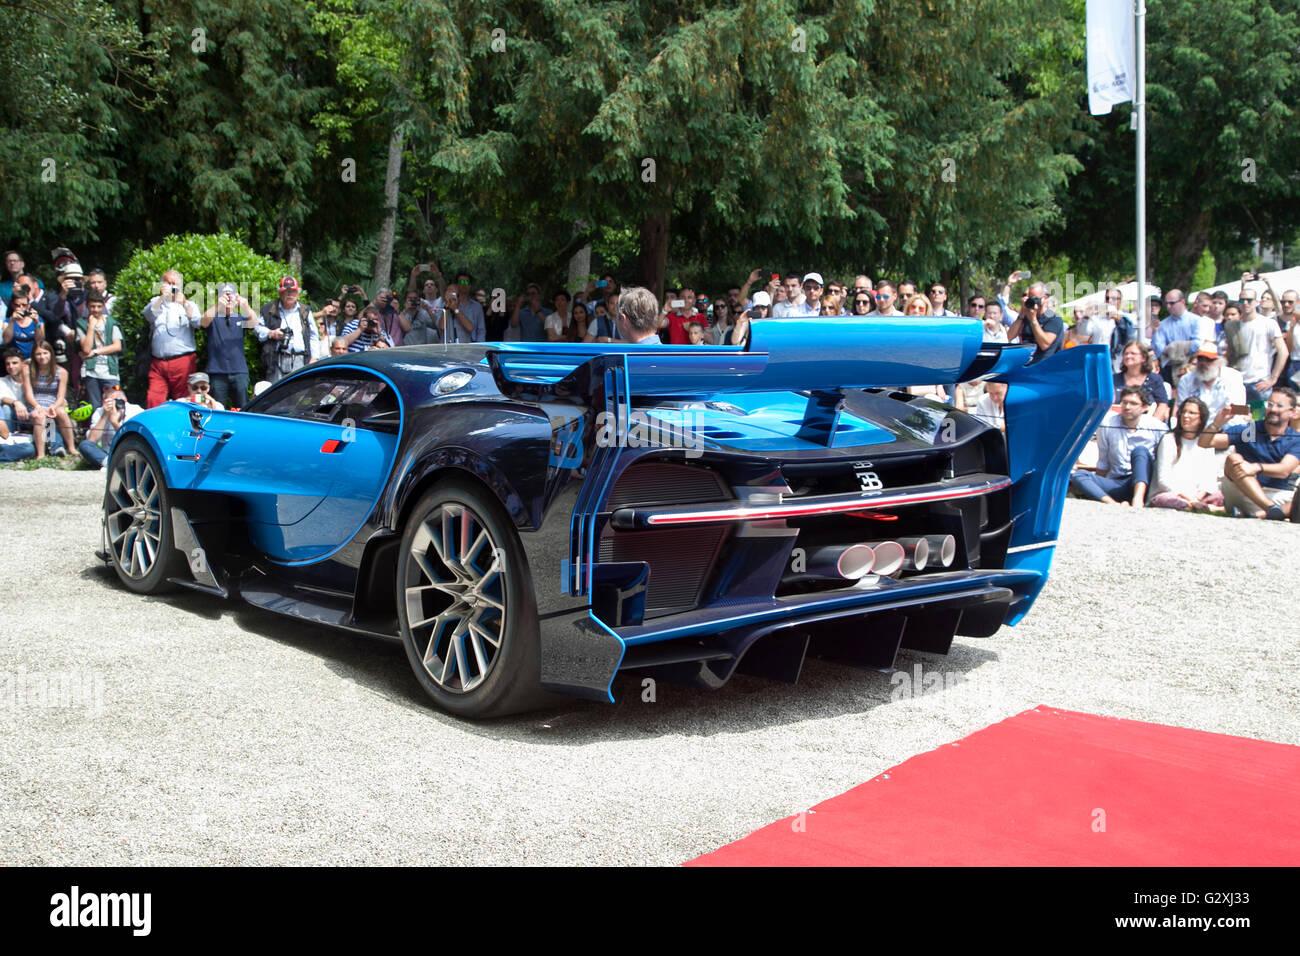 Bugatti Vision Gran Turismo concept car a Villa D'Este concourse auto show di Como Italia 2016 Immagini Stock